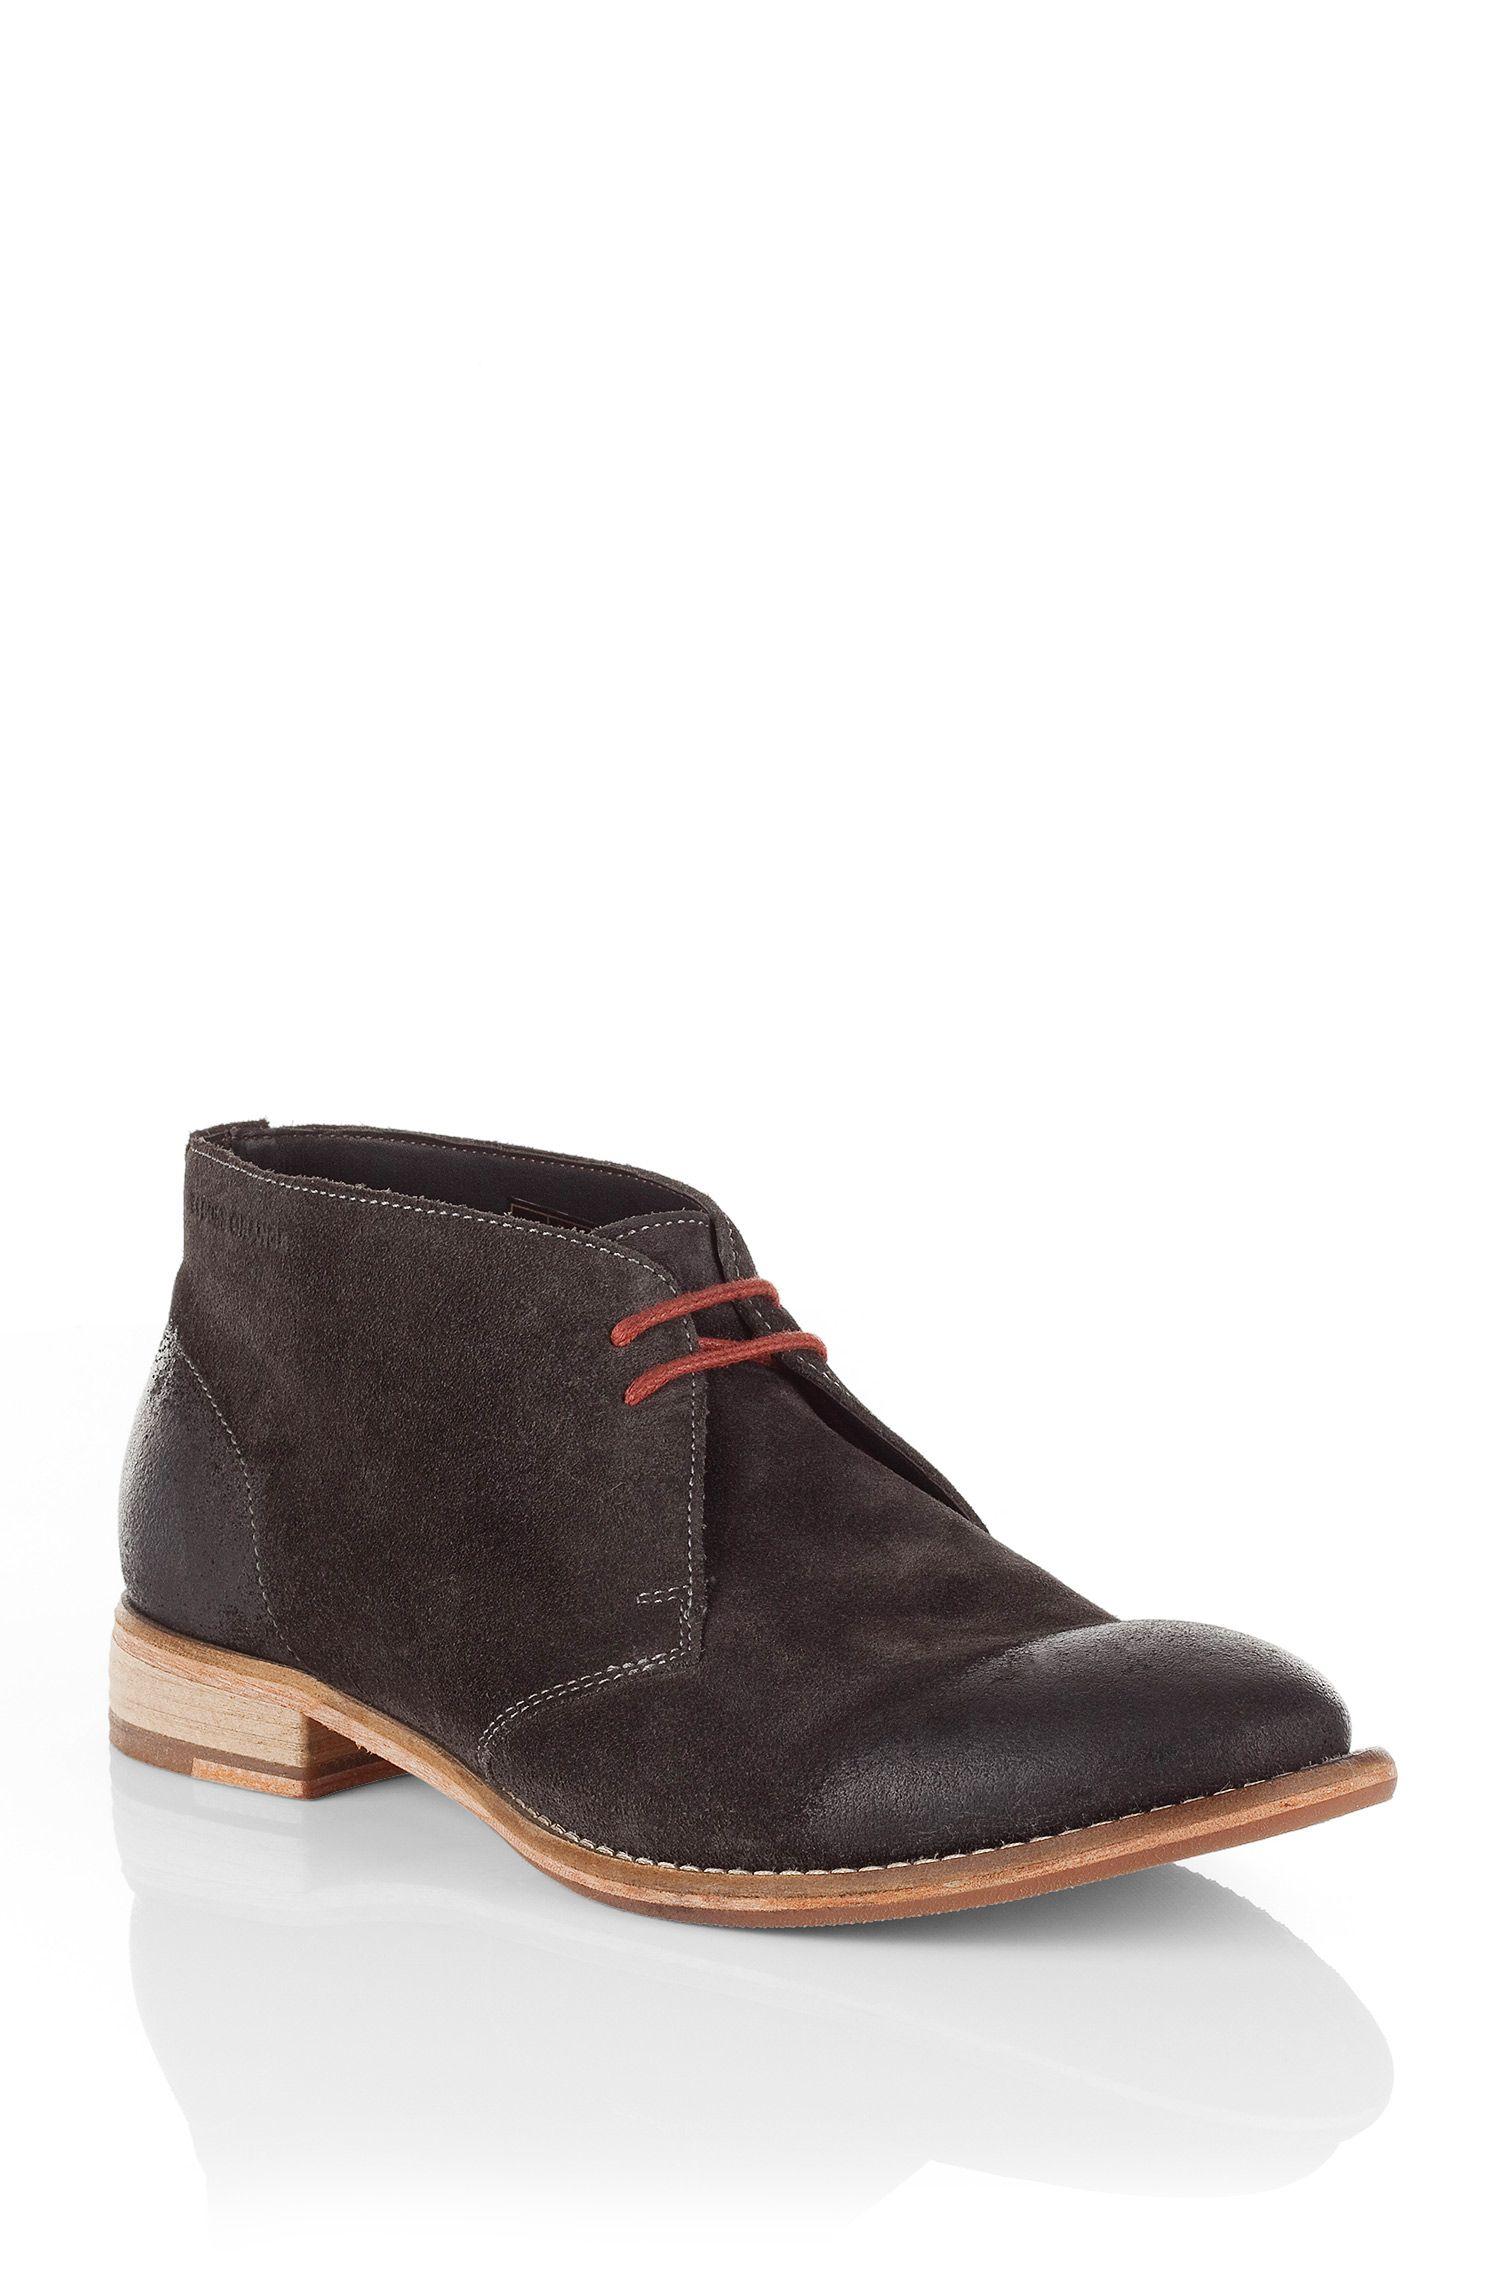 Leren schoenen ´Sailoc` in desert boot-look